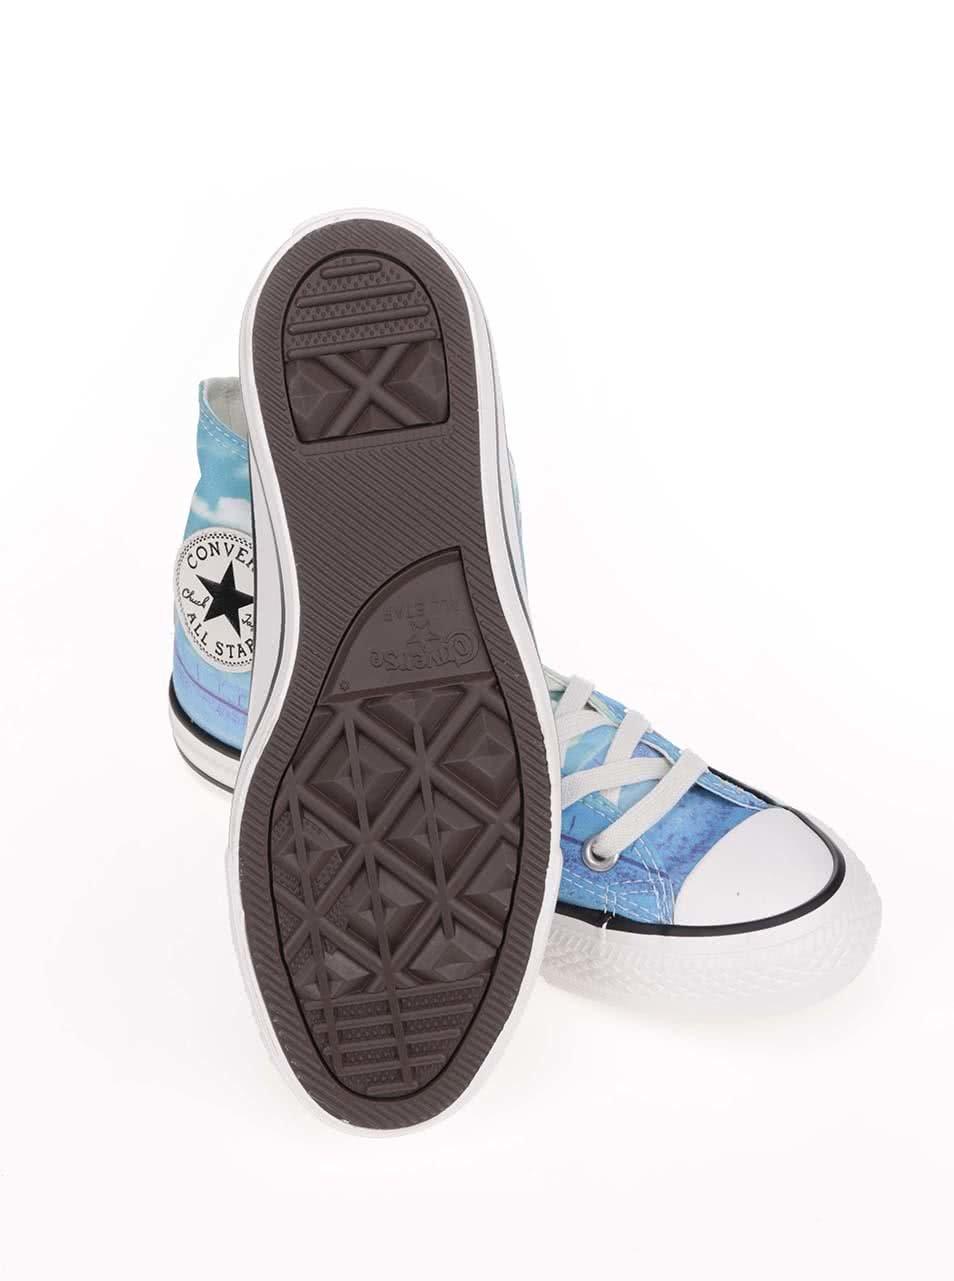 Modré dámské kotníkové tenisky s potiskem Converse Chuck Taylor All Star ... a0179c2452